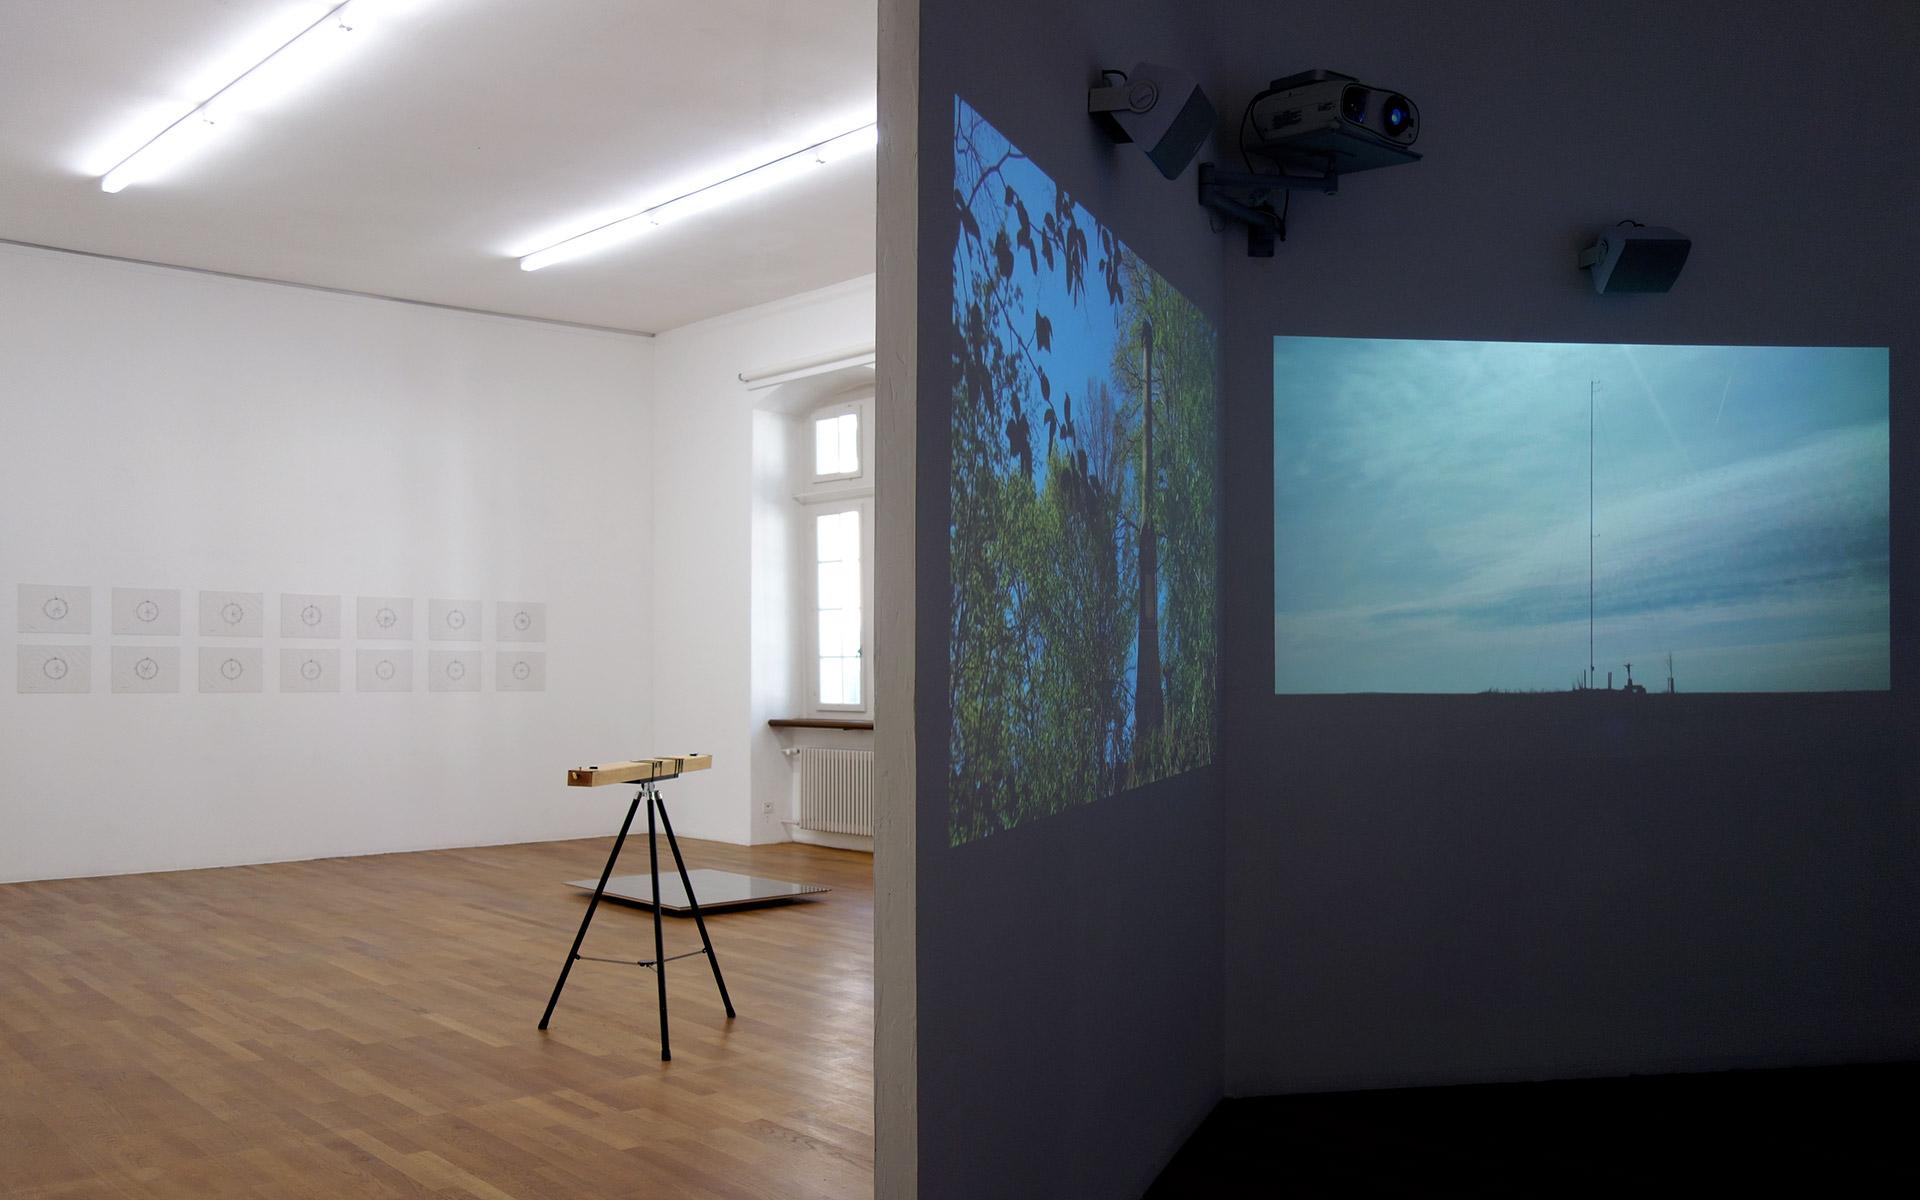 Kopie von Bignia-Wehrli-Kunsthalle-Winterthur-2018-1